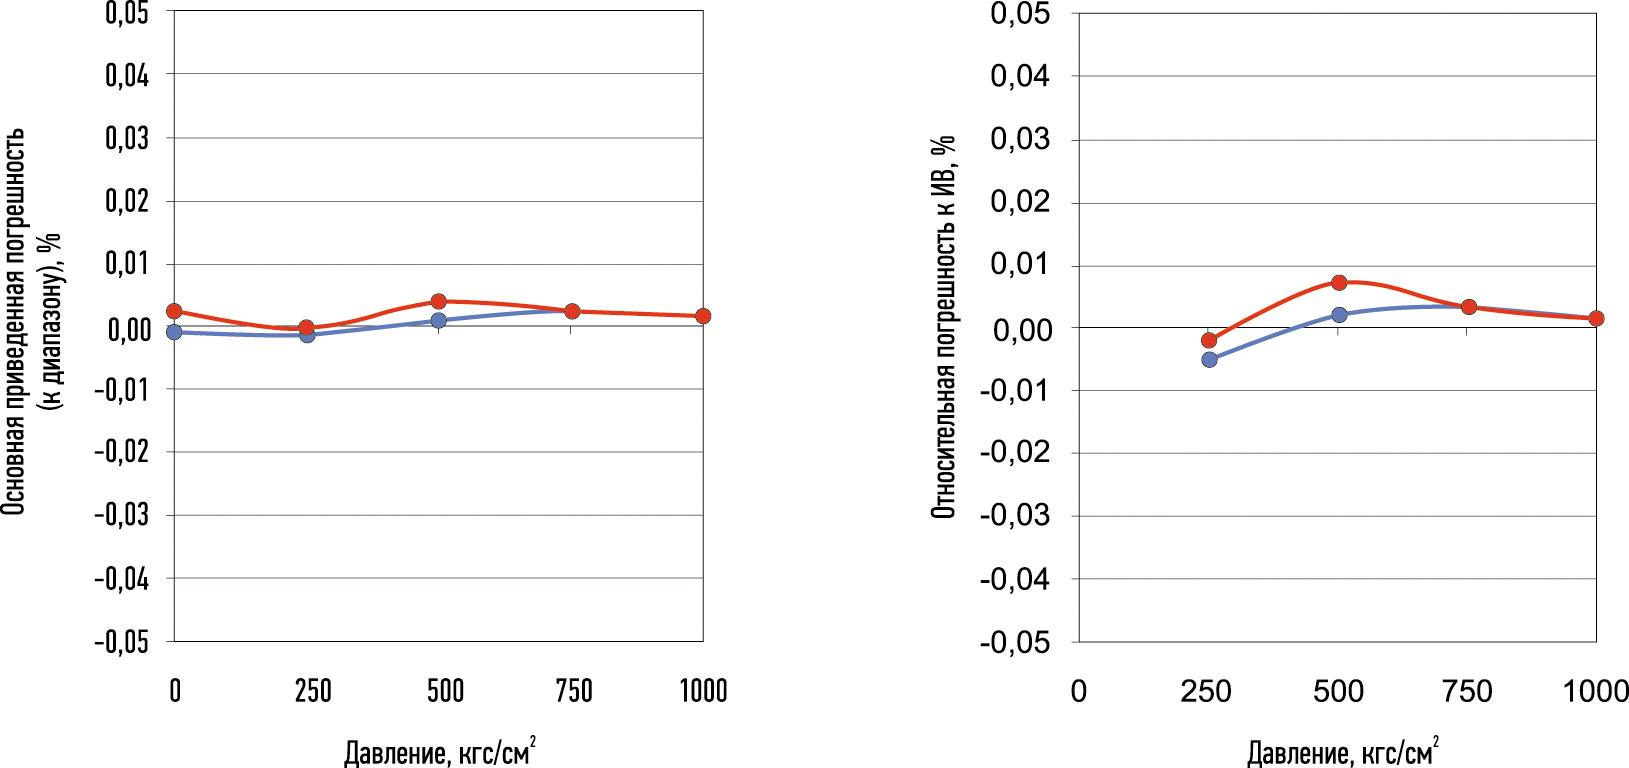 Основная приведенная (слева) и относительная (справа) погрешность датчика избыточного давления МИДА-ДИ-15-Э-0,05/100 МПа